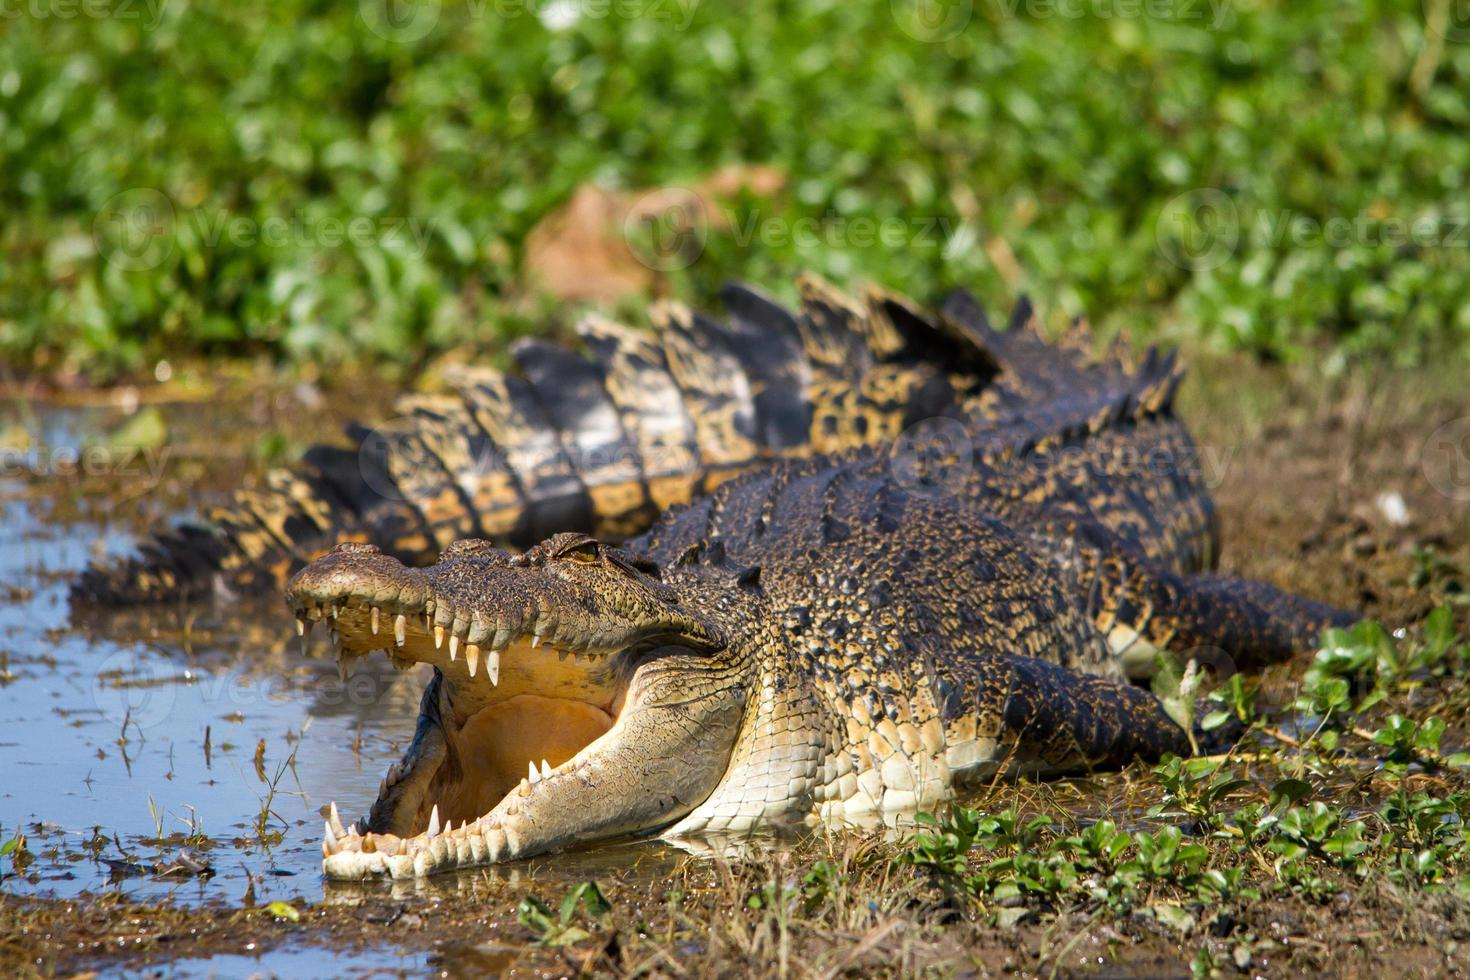 cocodrilo australiano de agua salada foto